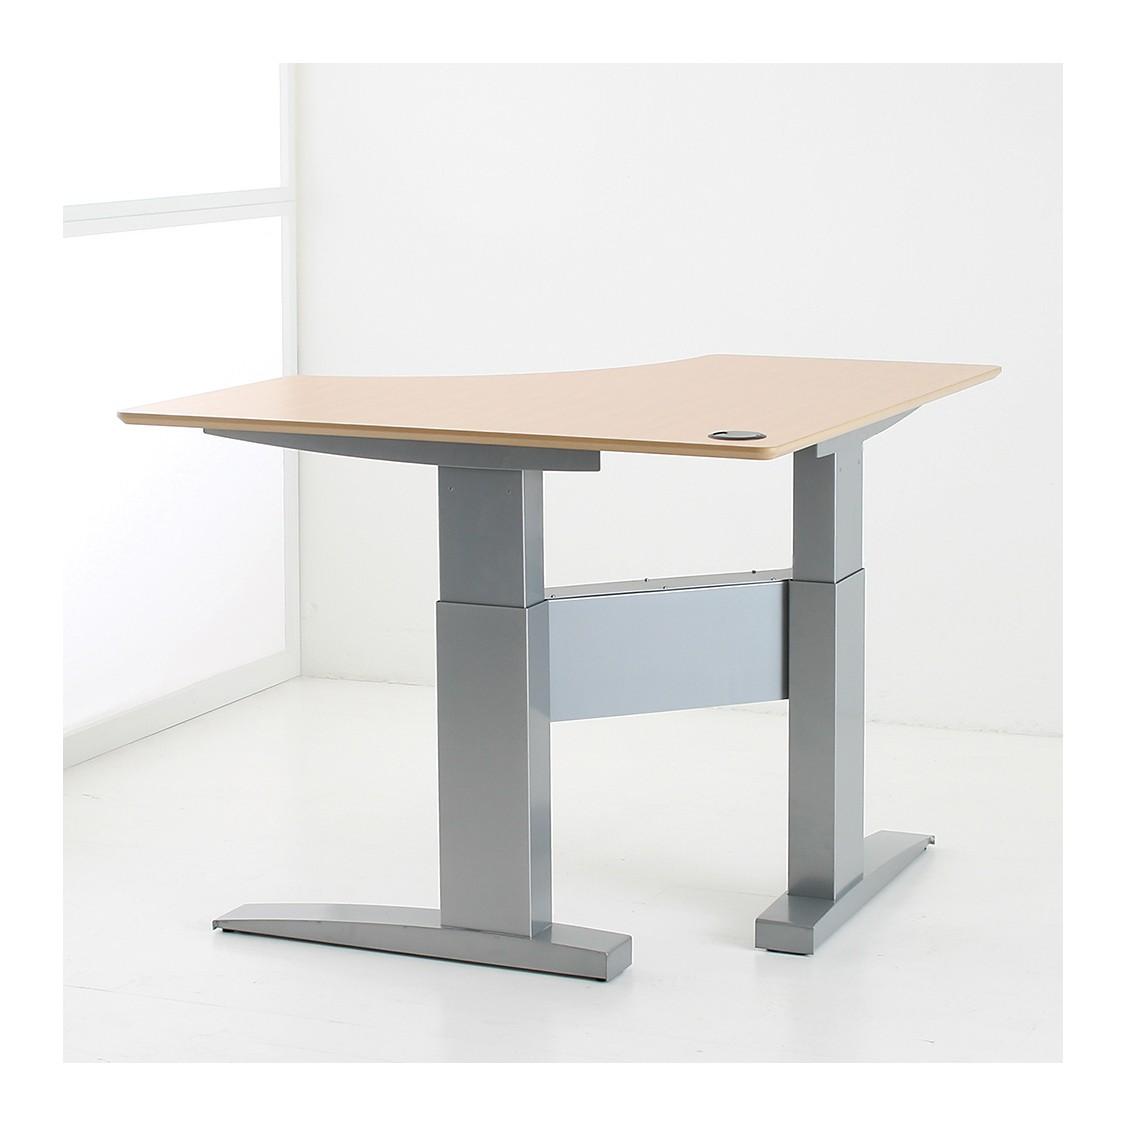 ad111a height adjustable corner desk ... NPTUBEK